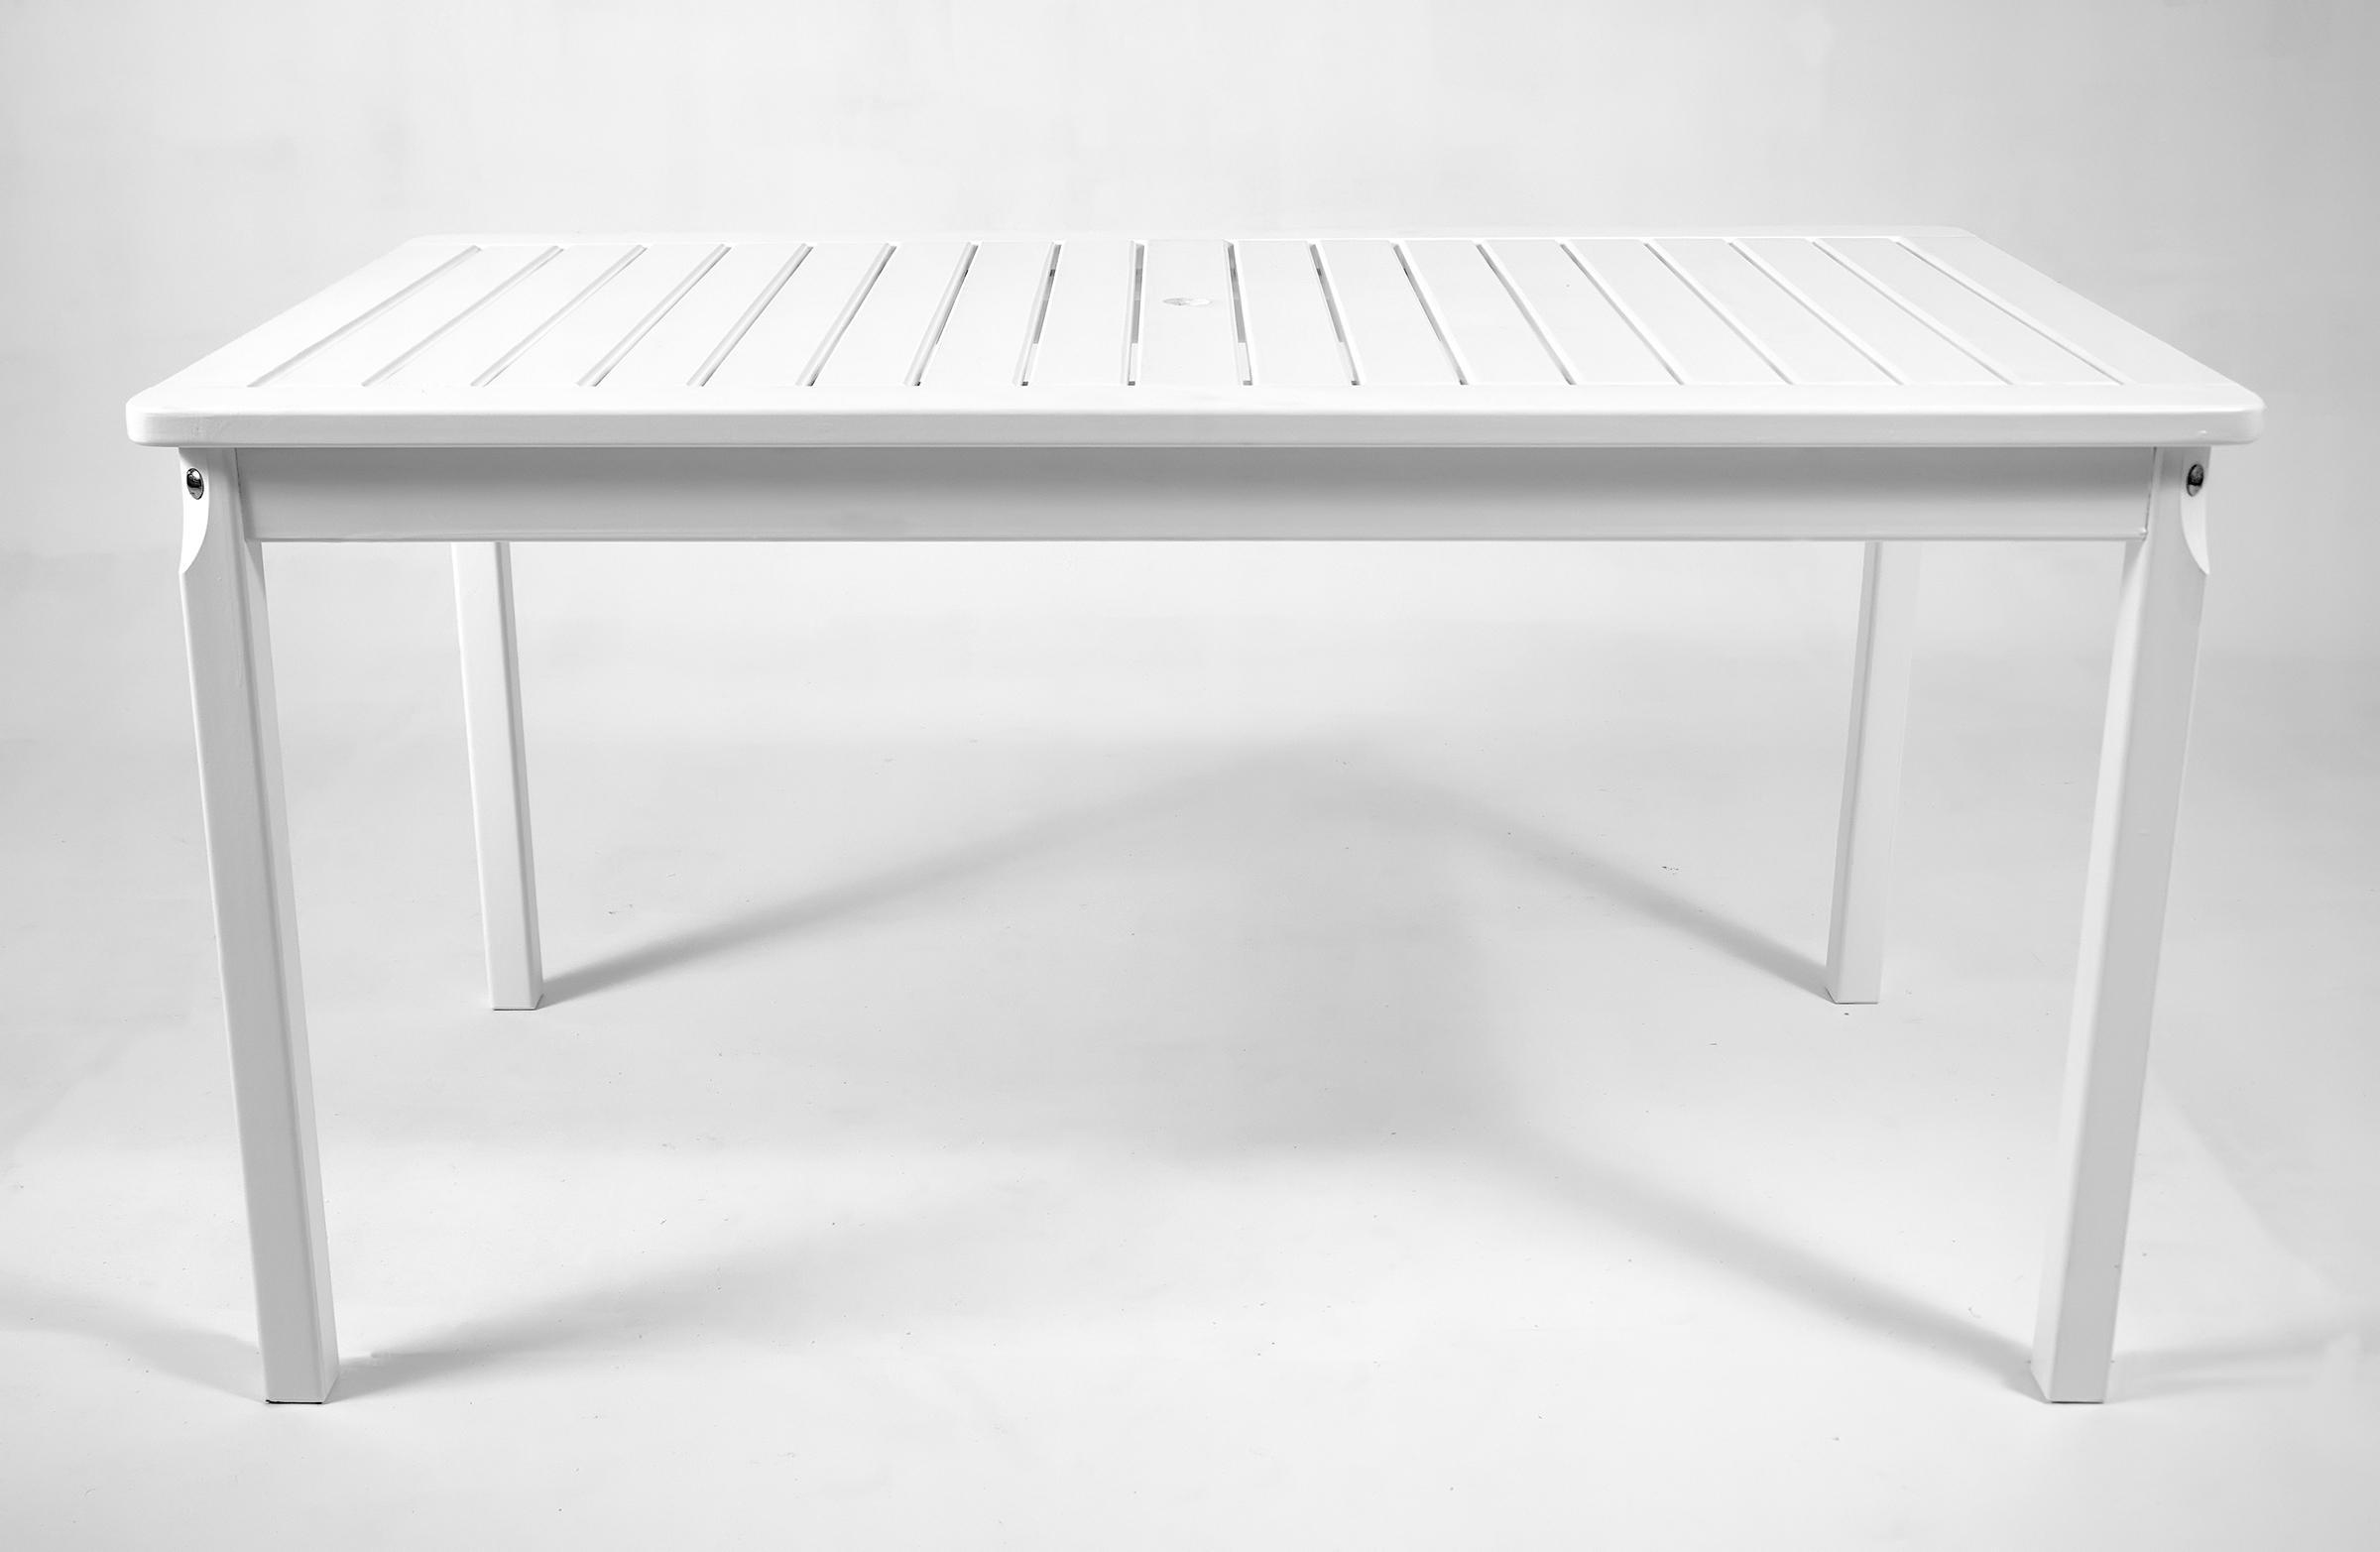 Gartentisch Prince 150x90cm Rattan-Optik Kunststoff Terrasse Weiß Balkon